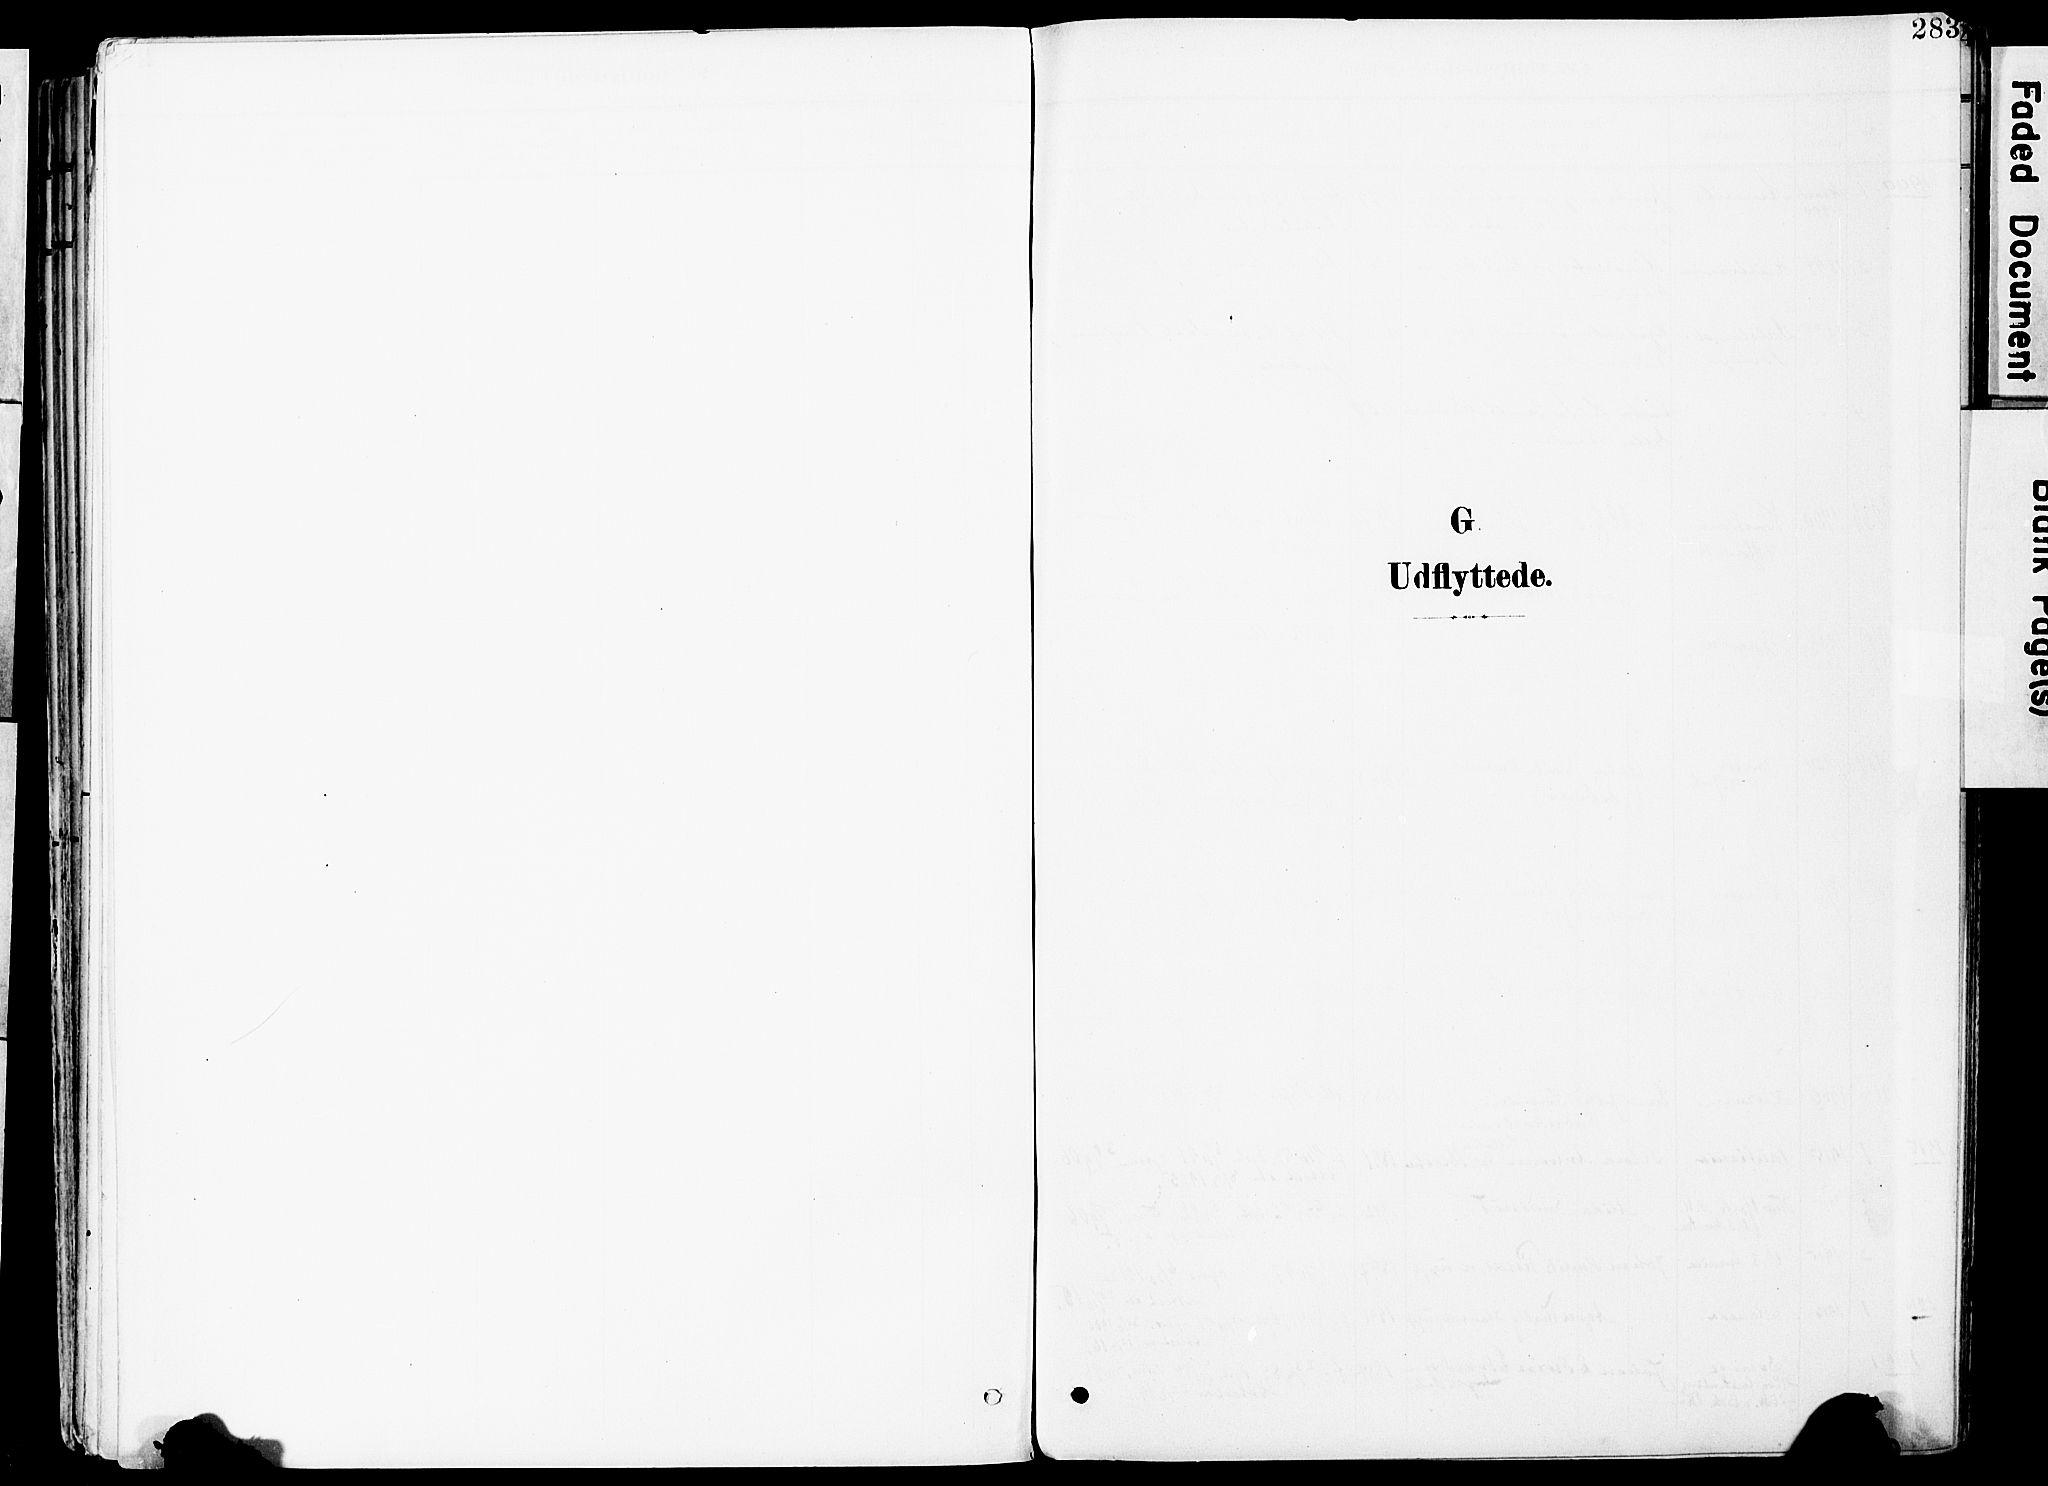 SAO, Vestby prestekontor Kirkebøker, F/Fa/L0010: Ministerialbok nr. I 10, 1900-1926, s. 283